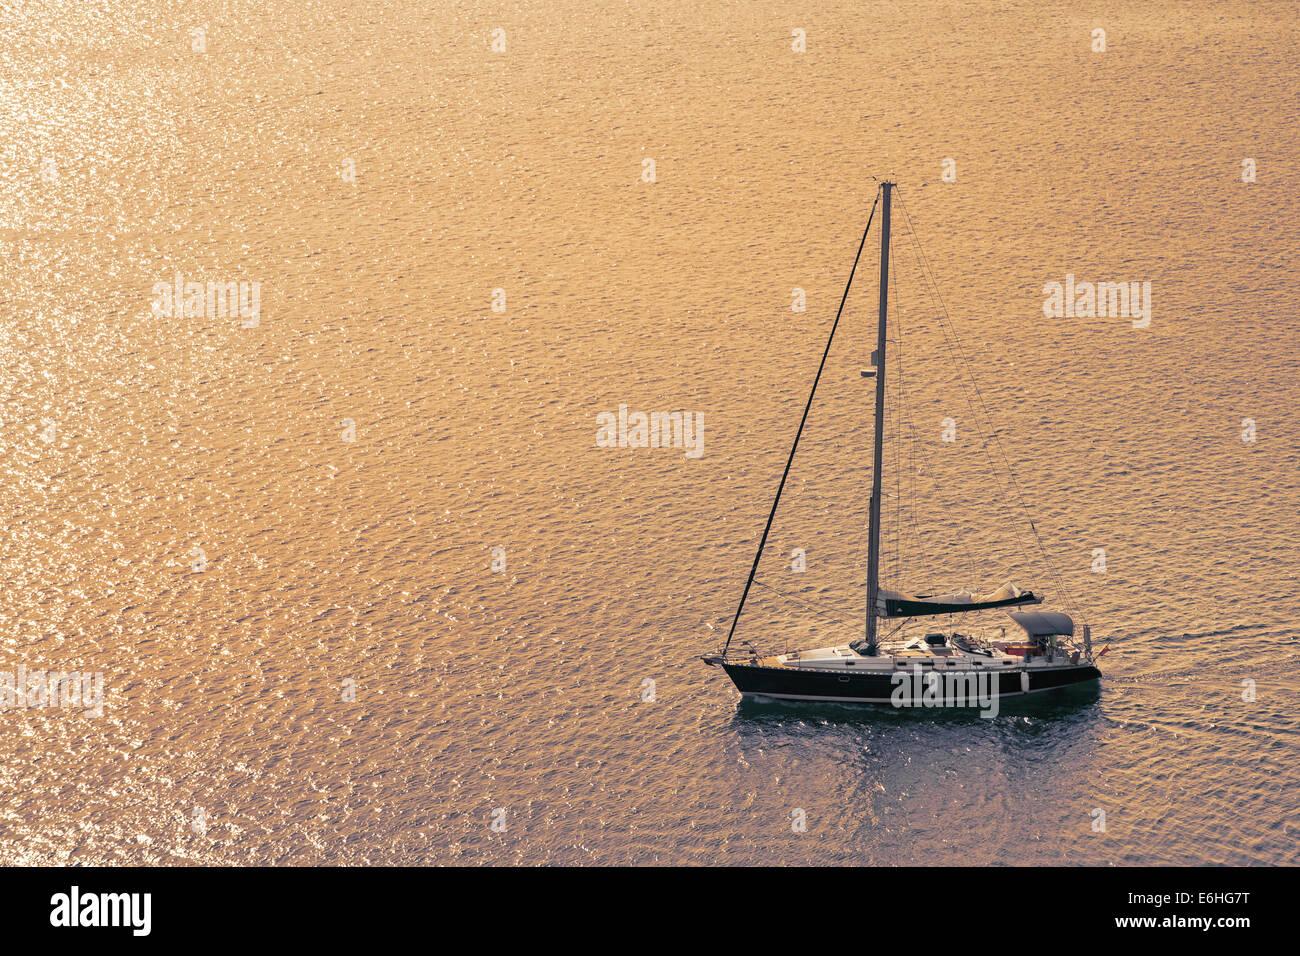 Barca a vela sul mare con tramonto per un concetto dello sfondo. Immagini Stock